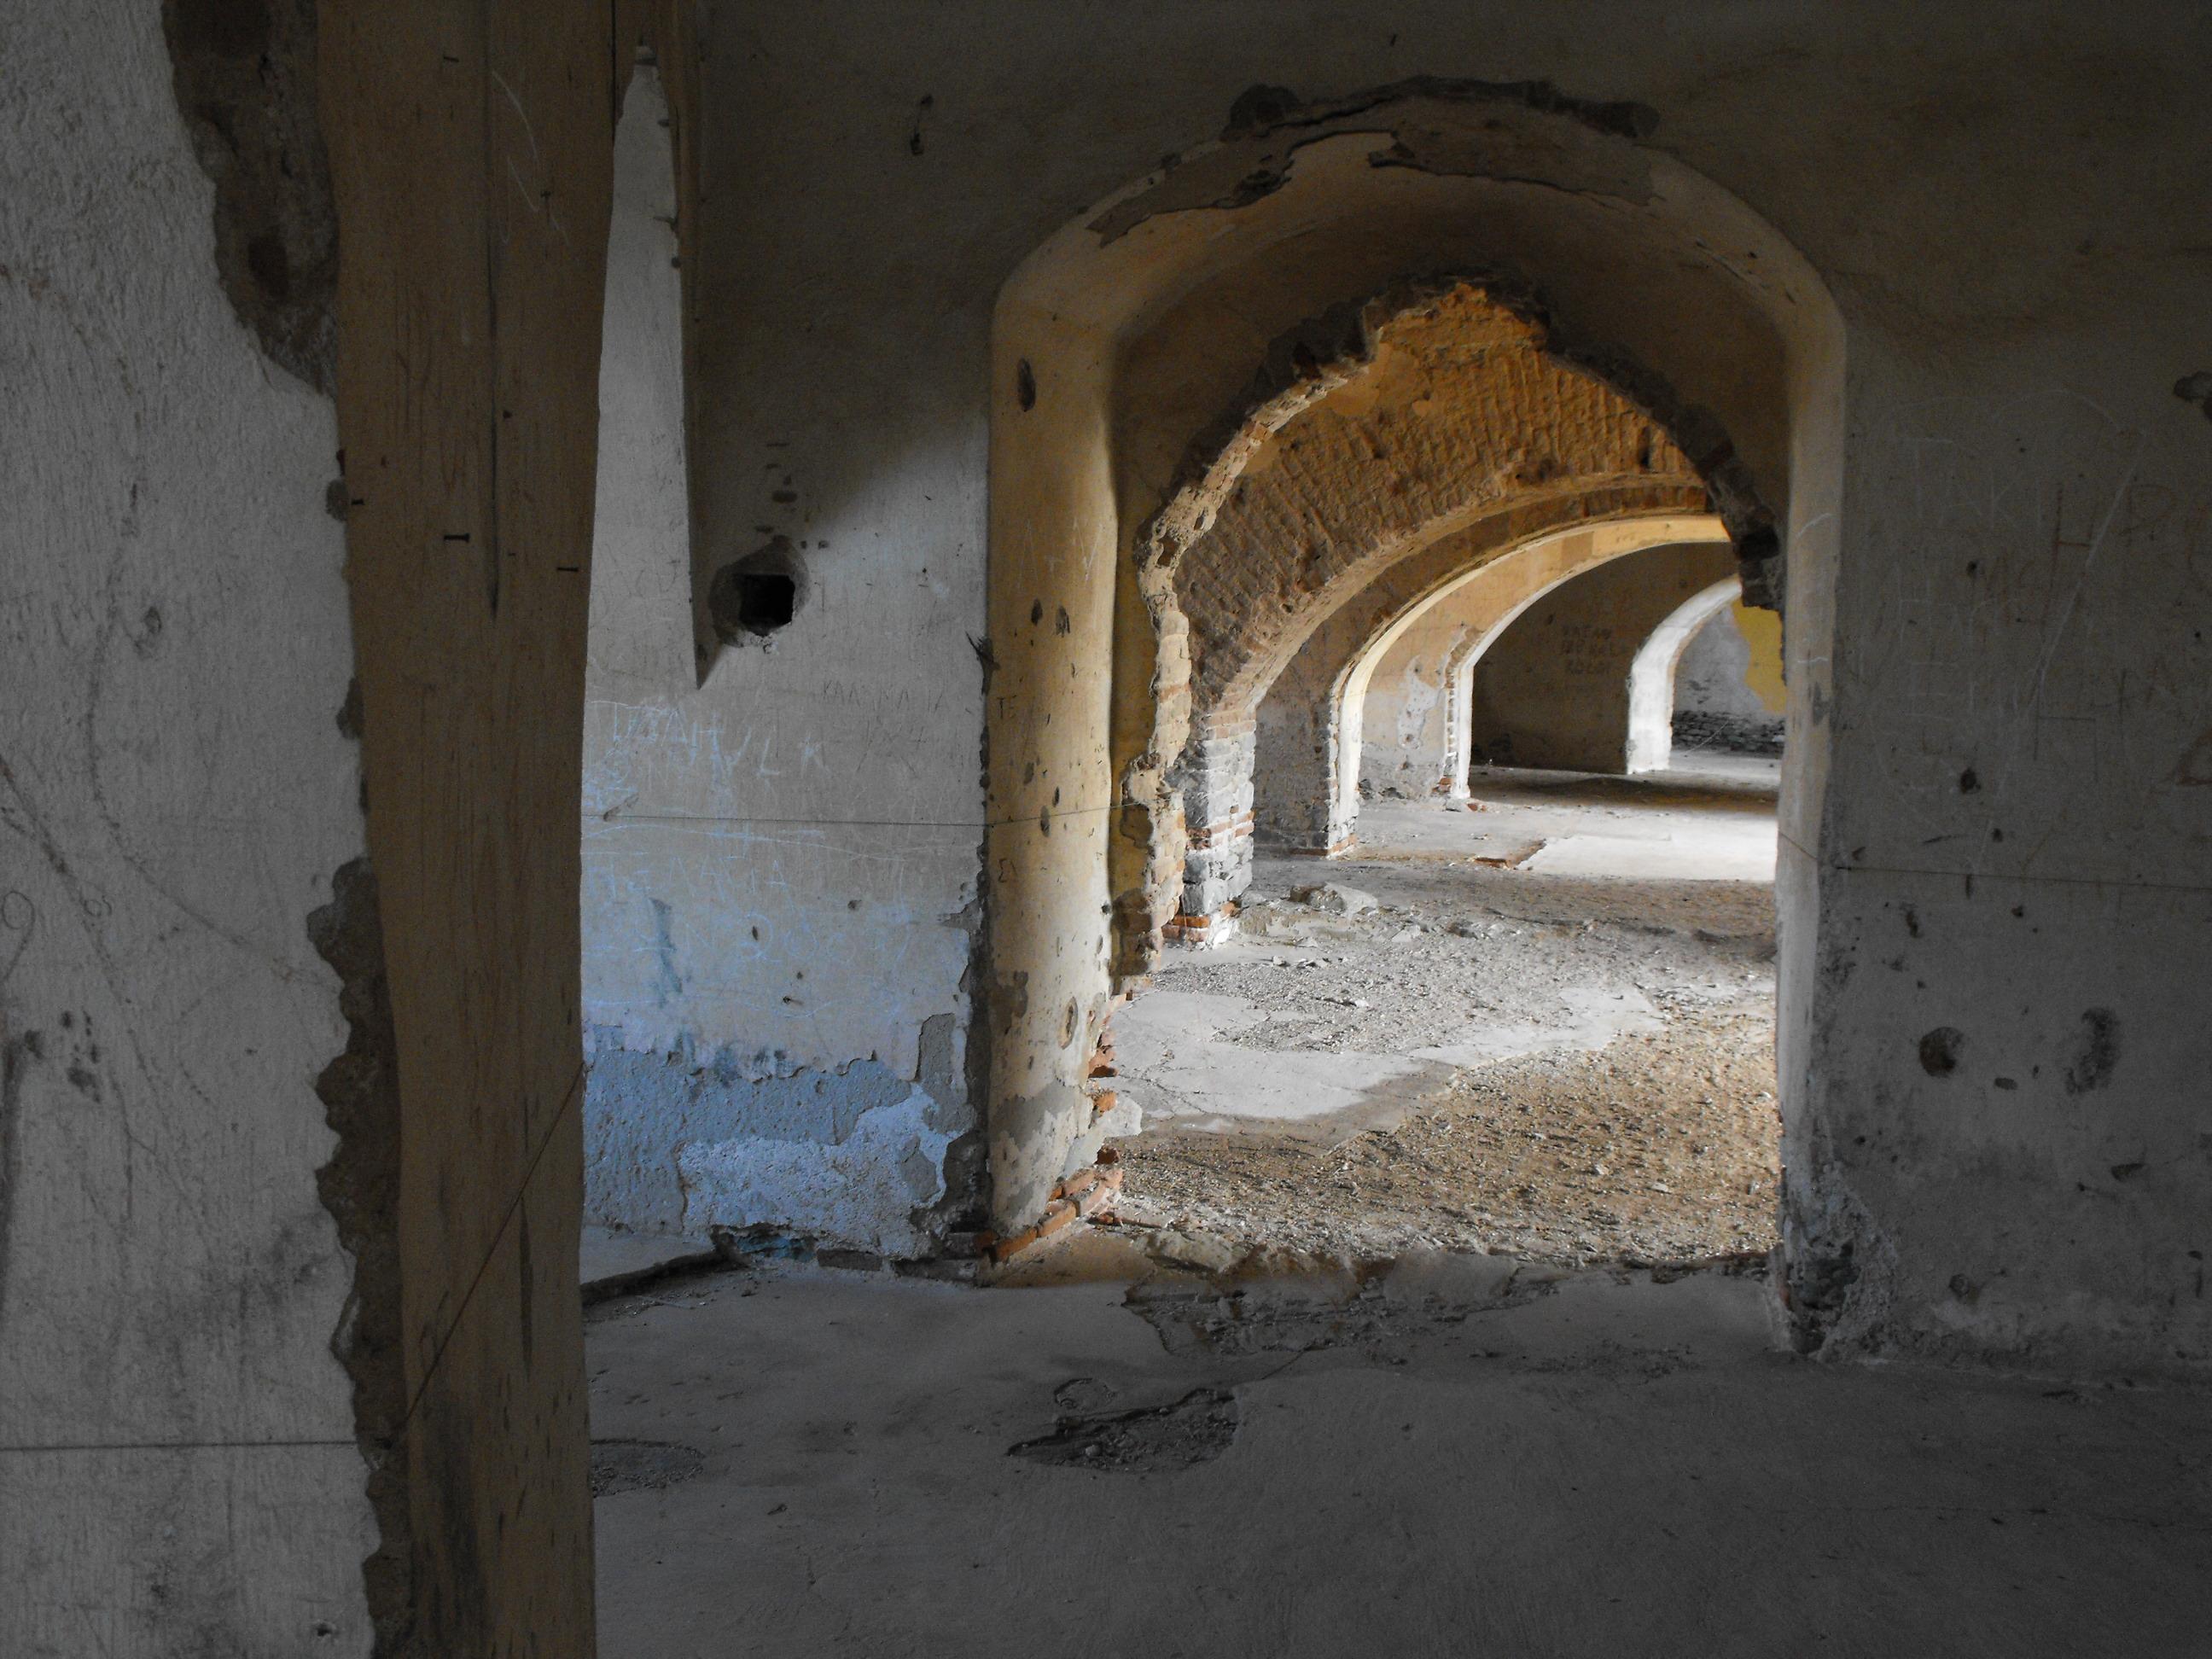 ΚΑΡΑΜΠΟΥΡΝΟΥ οχυρο 1880- εσωτερικο 11